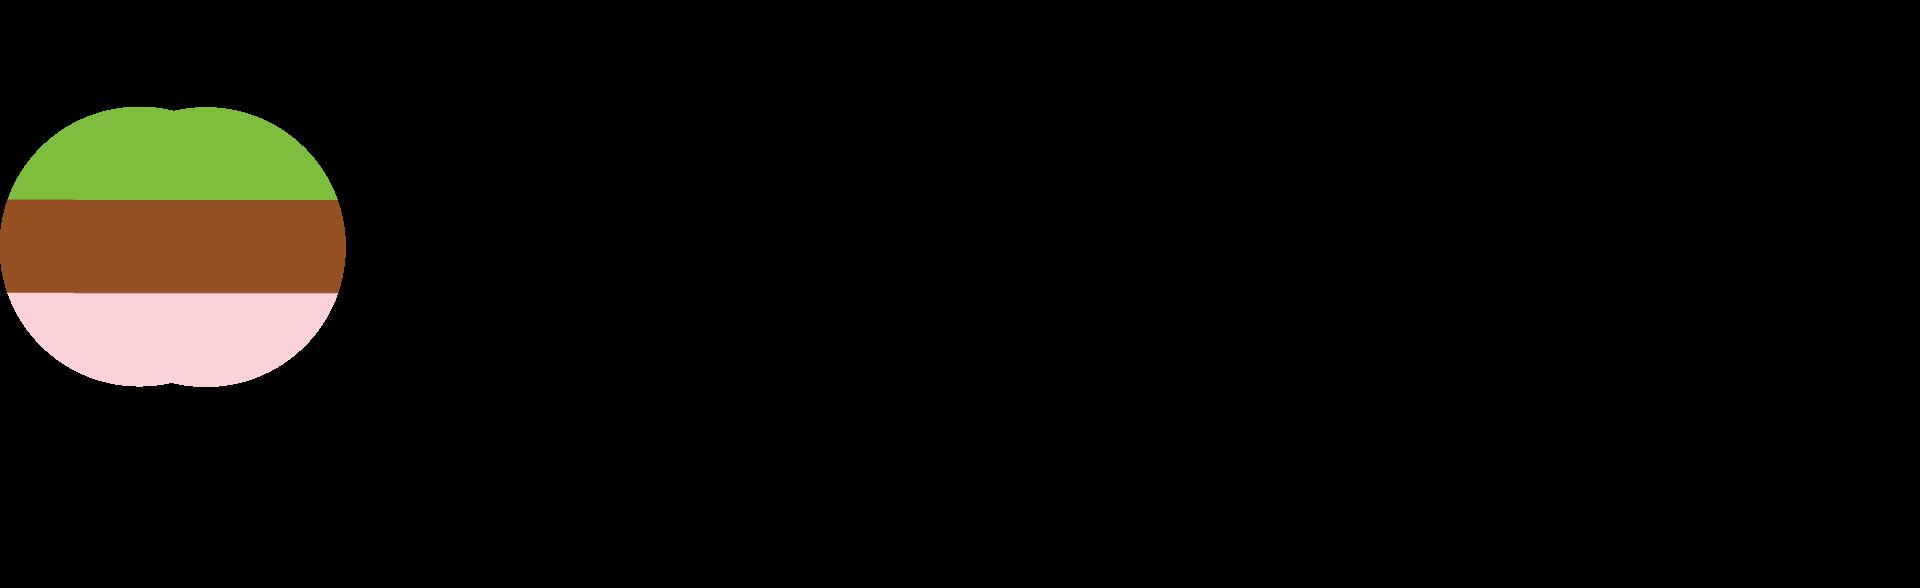 CUCURI LLC